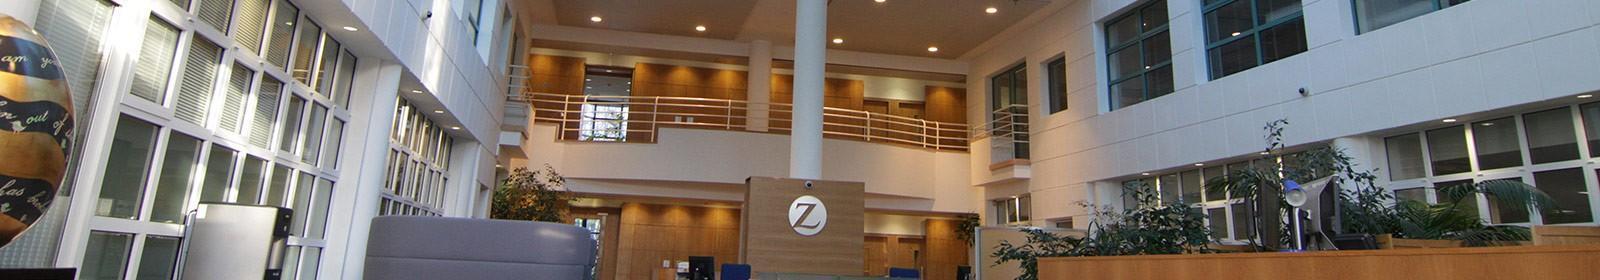 Zurich IFSC Dublin